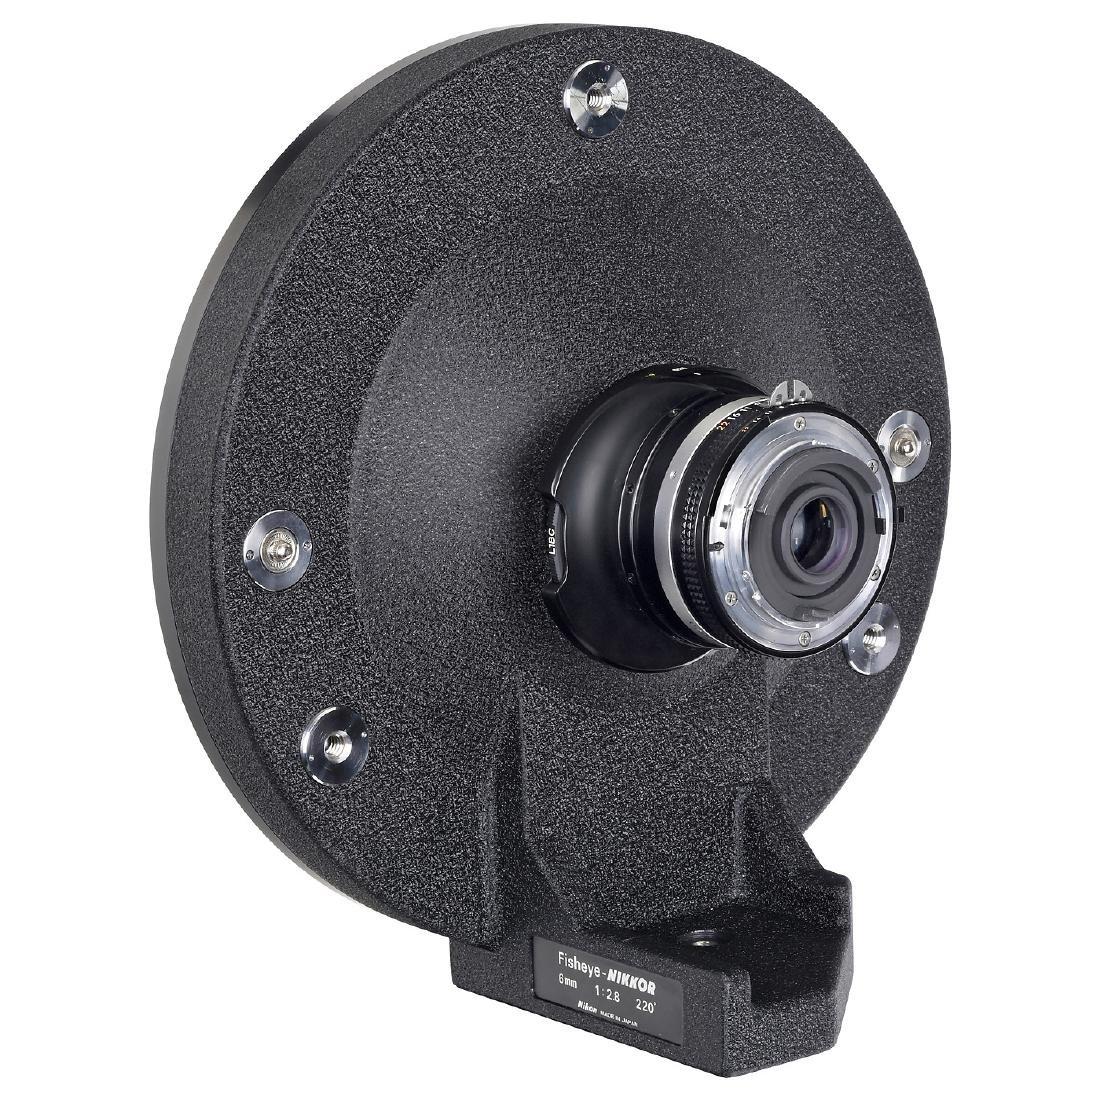 Nikon Fisheye-Nikkor 2,8/6 mm, AI-S, c. 1977 - 5